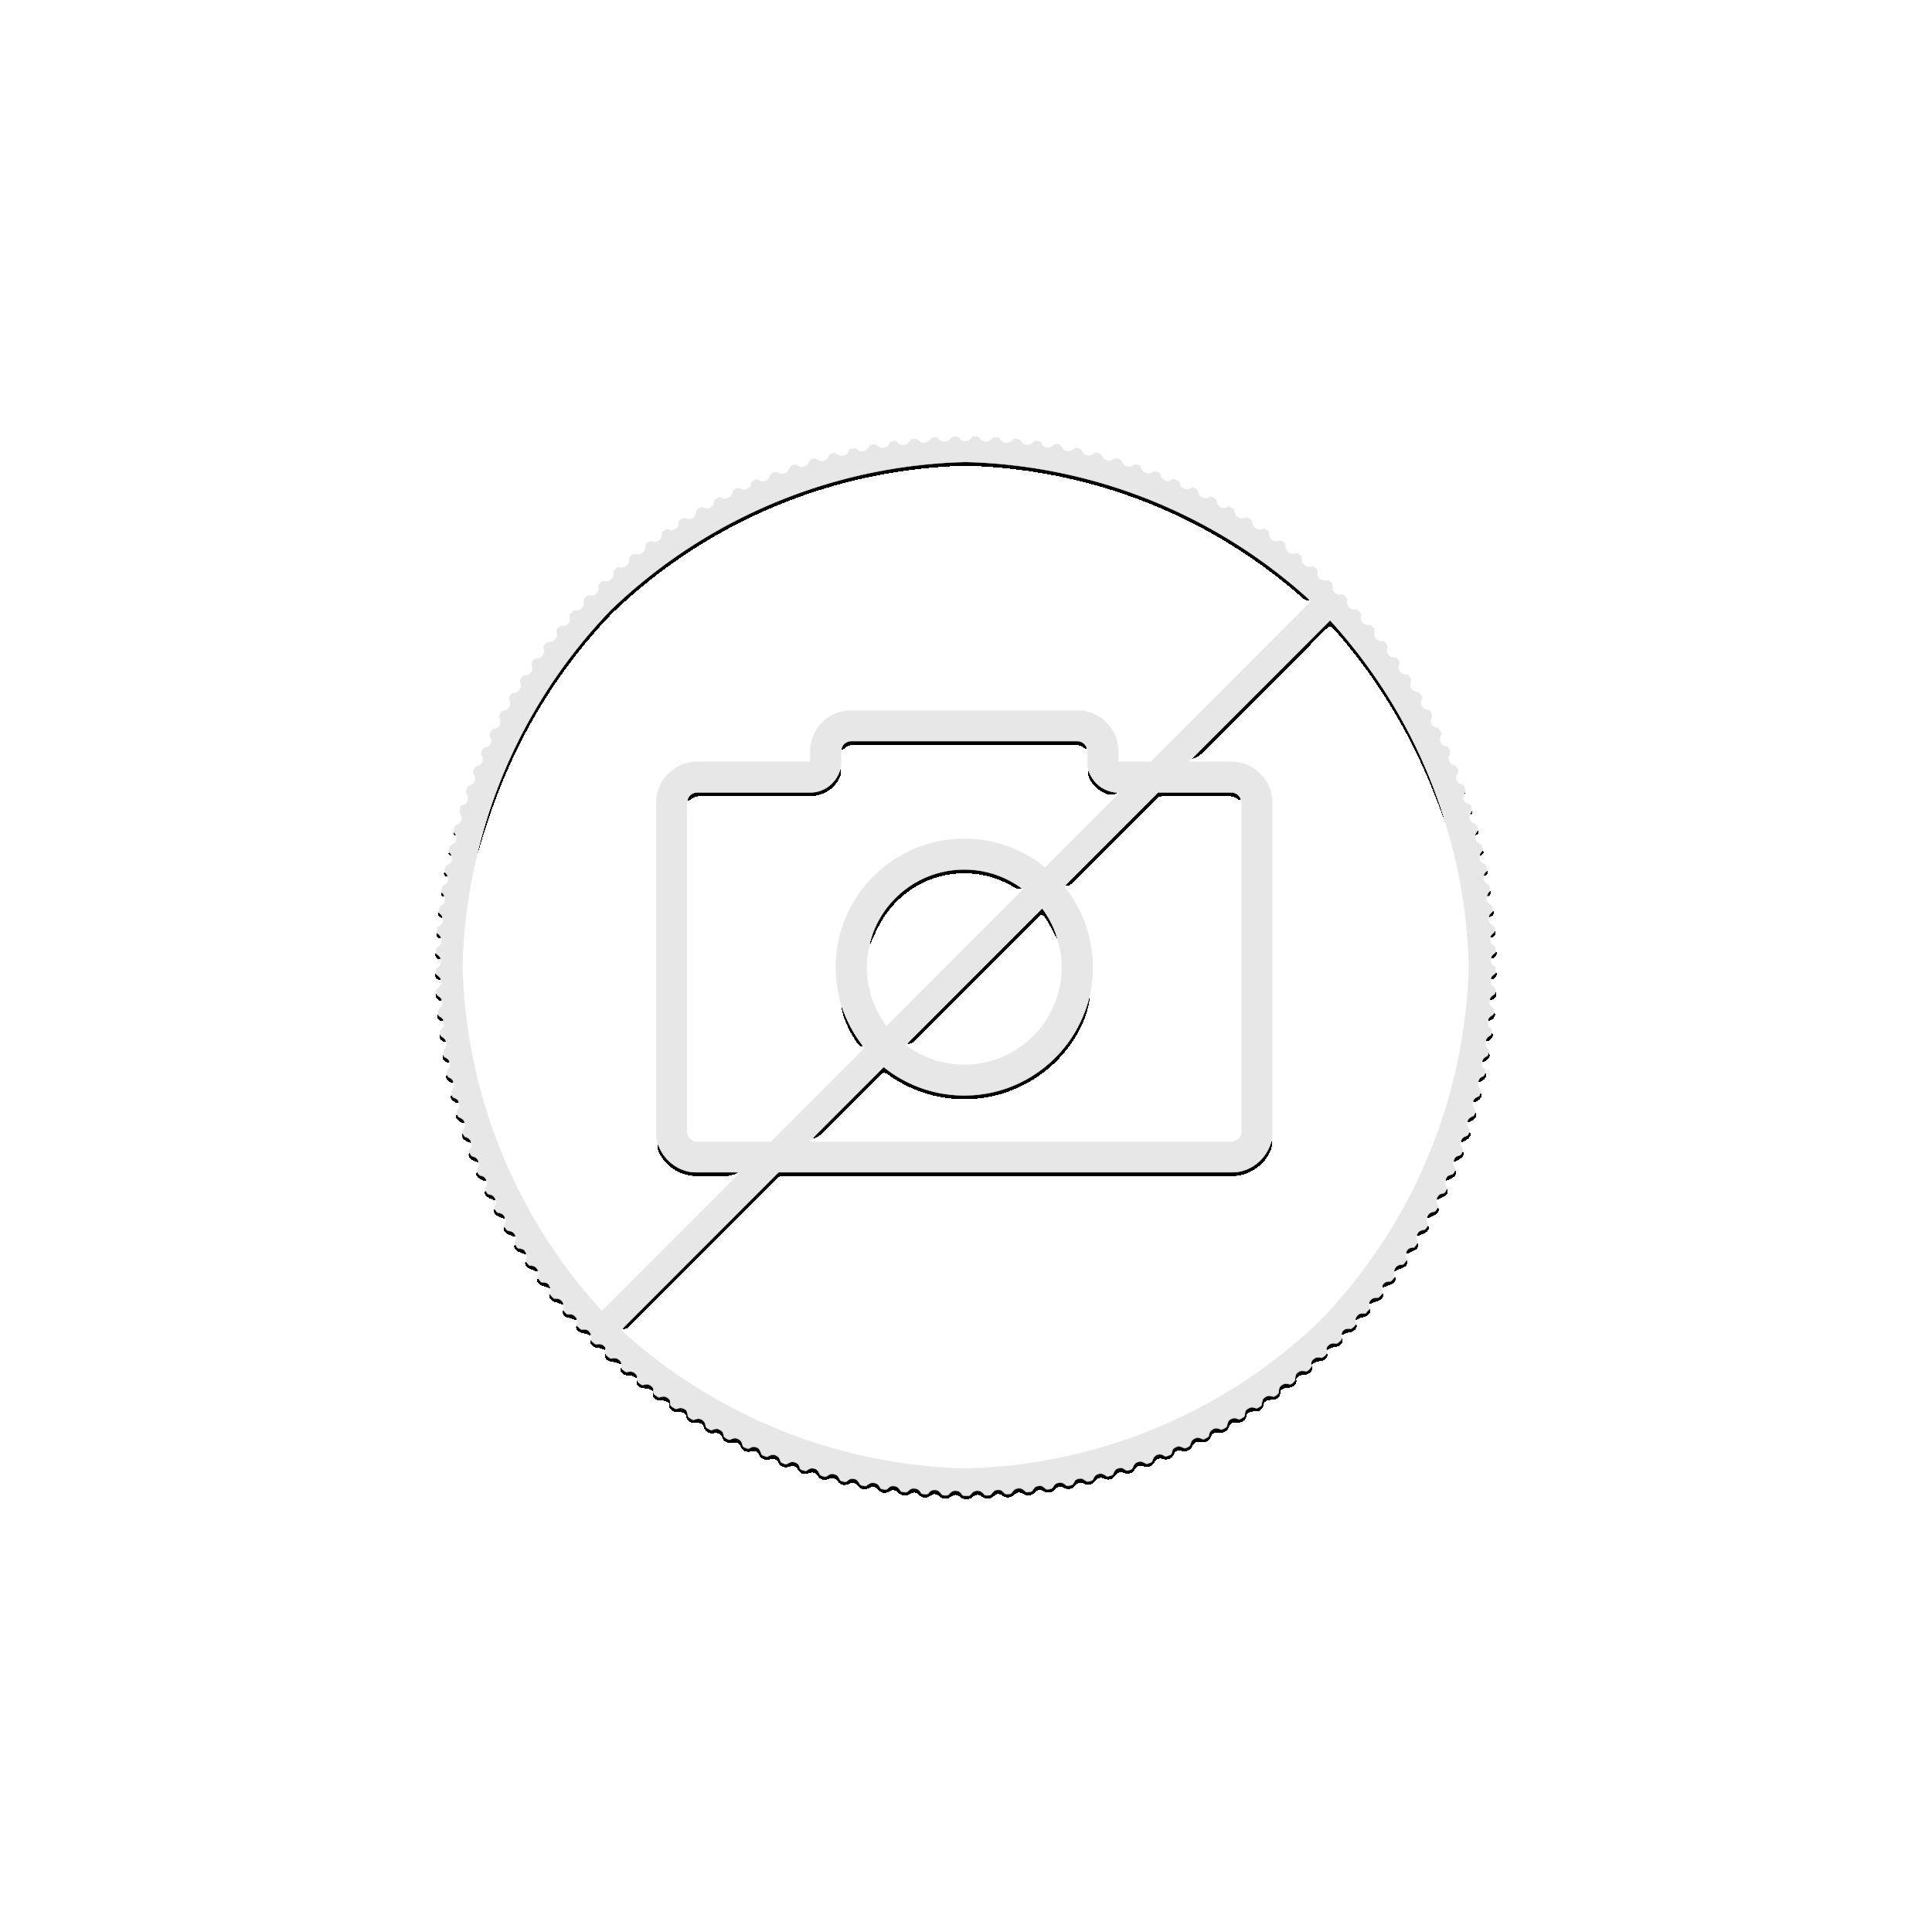 1/2 troy ounce zilveren munt kangoeroe - Dromen down under 2021 Proof